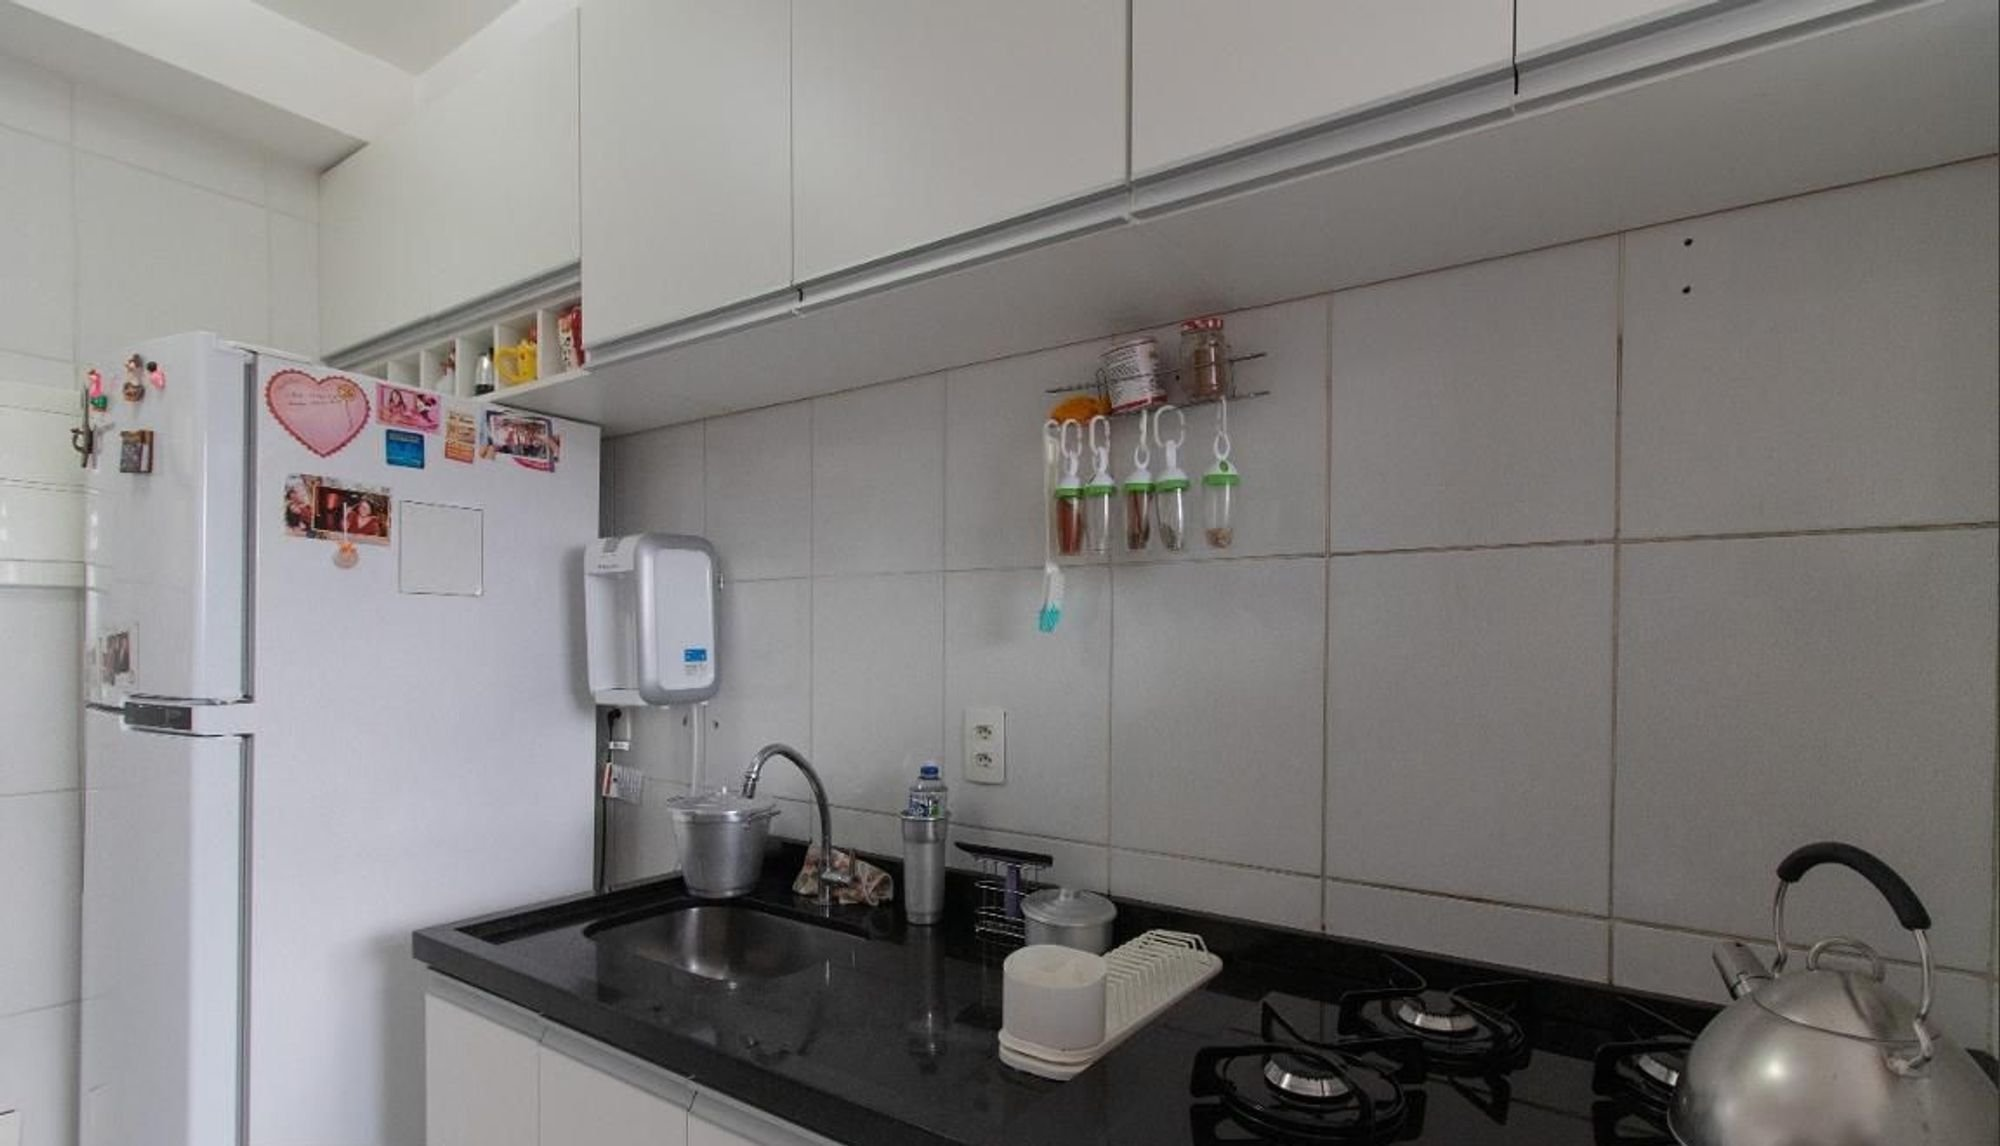 Foto de Cozinha com forno, geladeira, pia, xícara